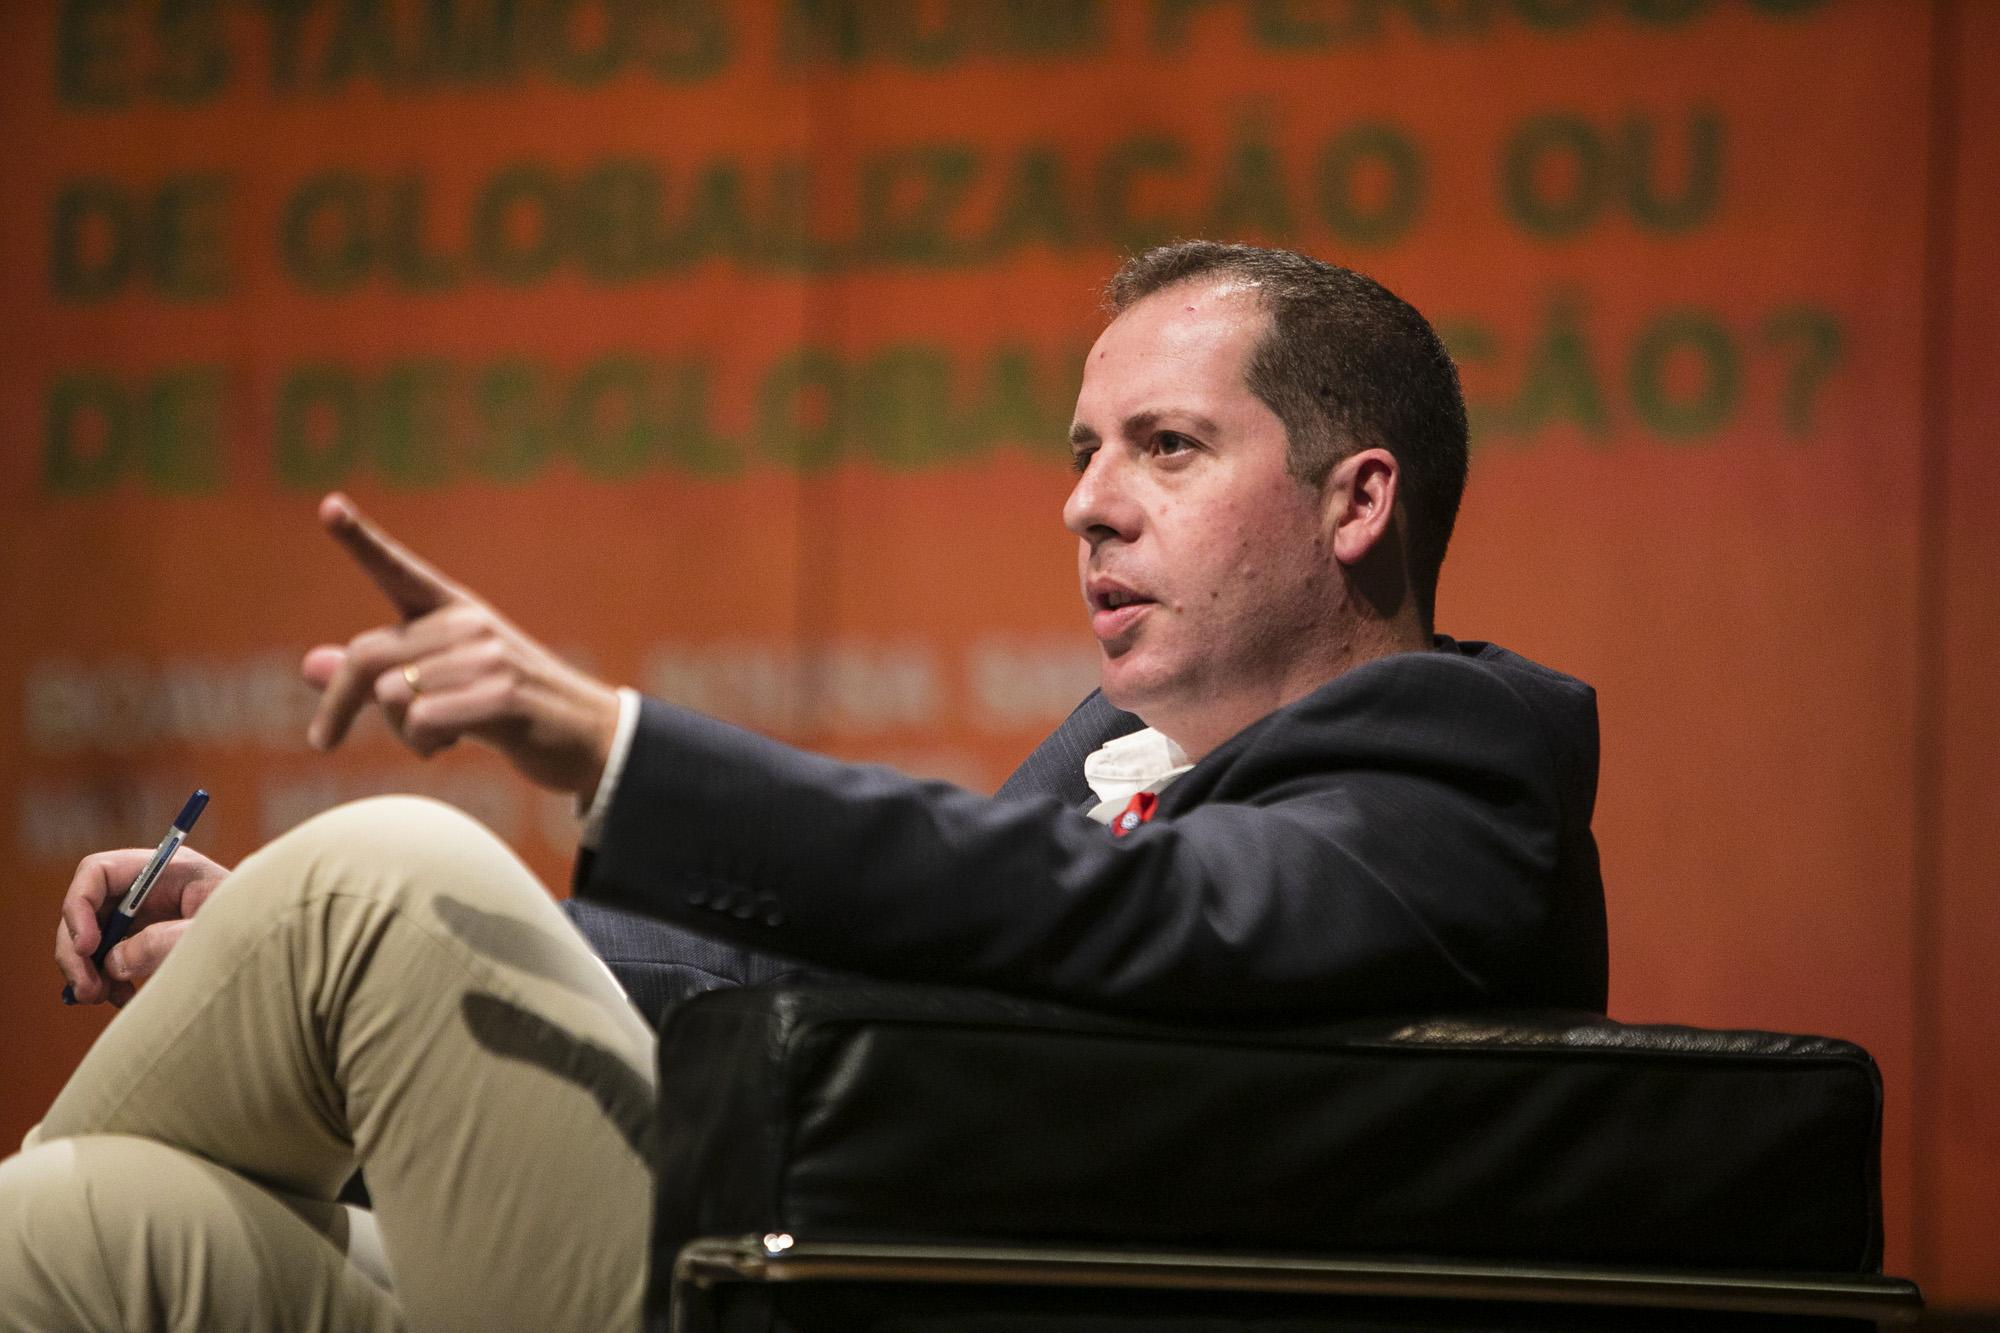 Hugo Gilberto, jornalista da RTP, foi o moderador da conferência: ''Estamos num período de Globalização ou Des-globalização?'. Fotografia: Miguel Marques Ribeiro